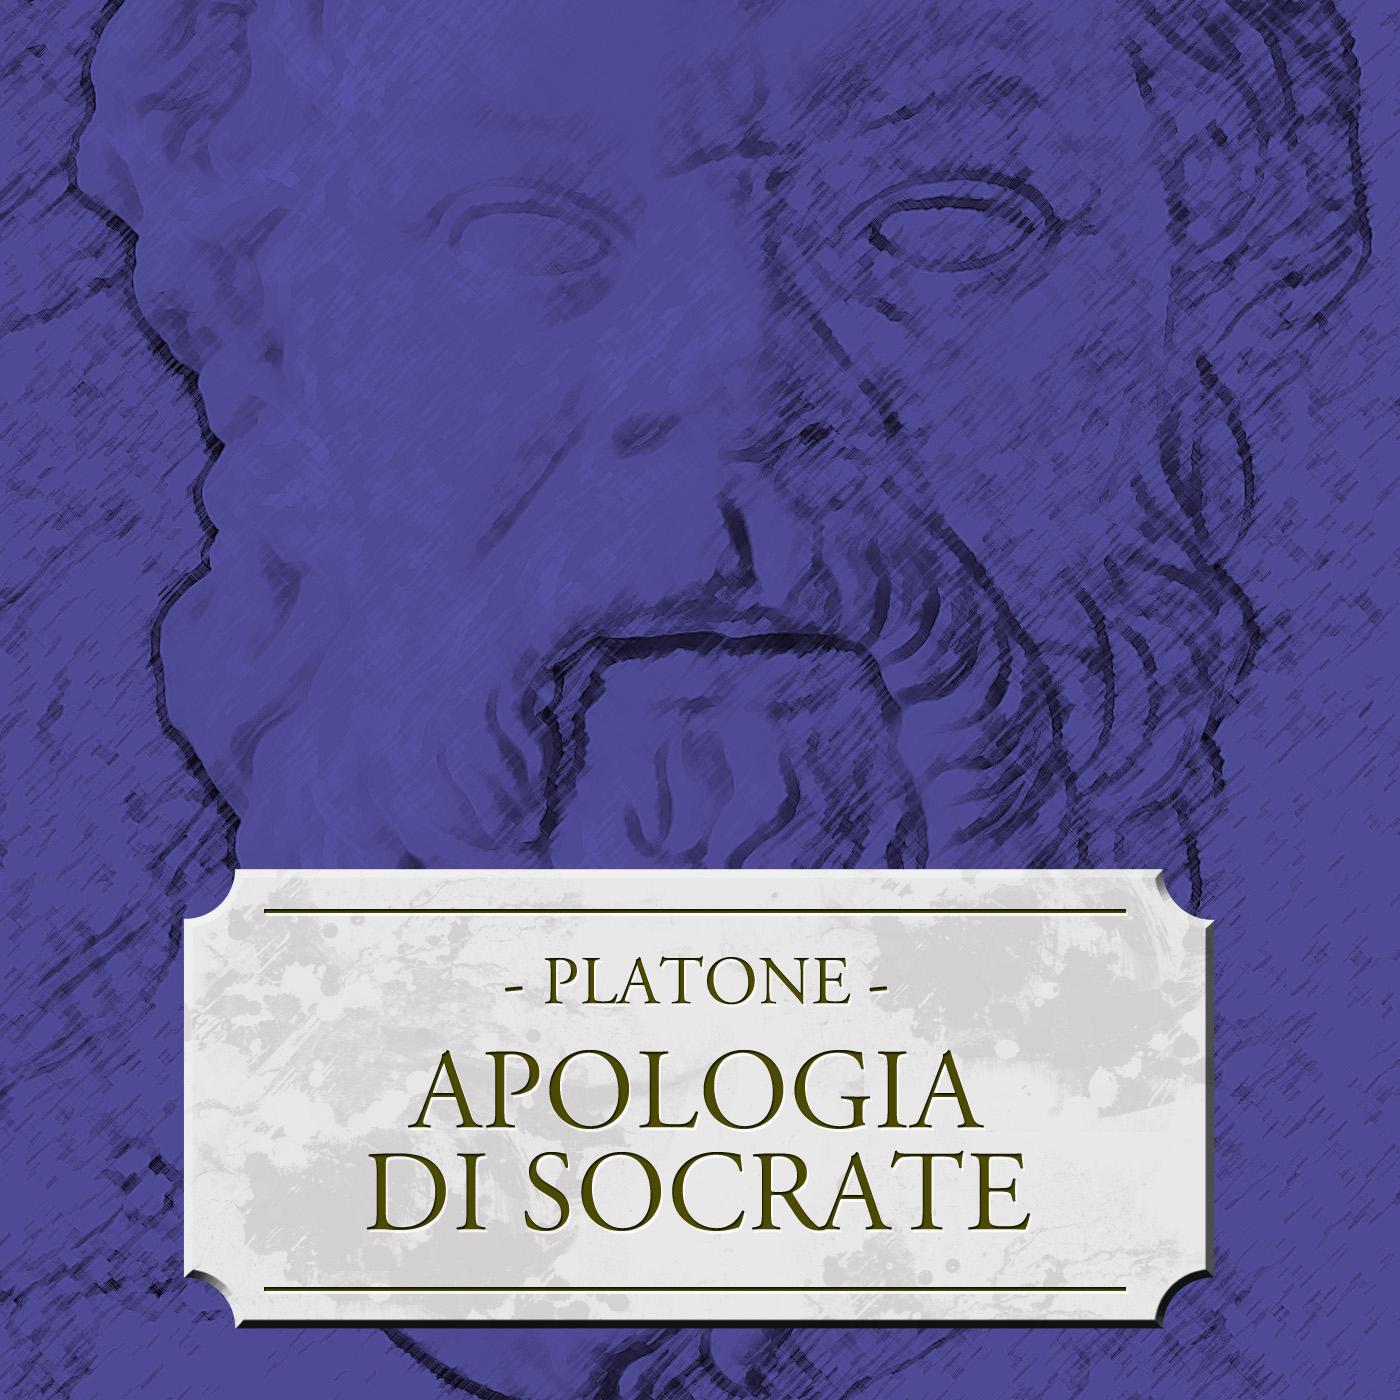 Apologia di Socrate-0